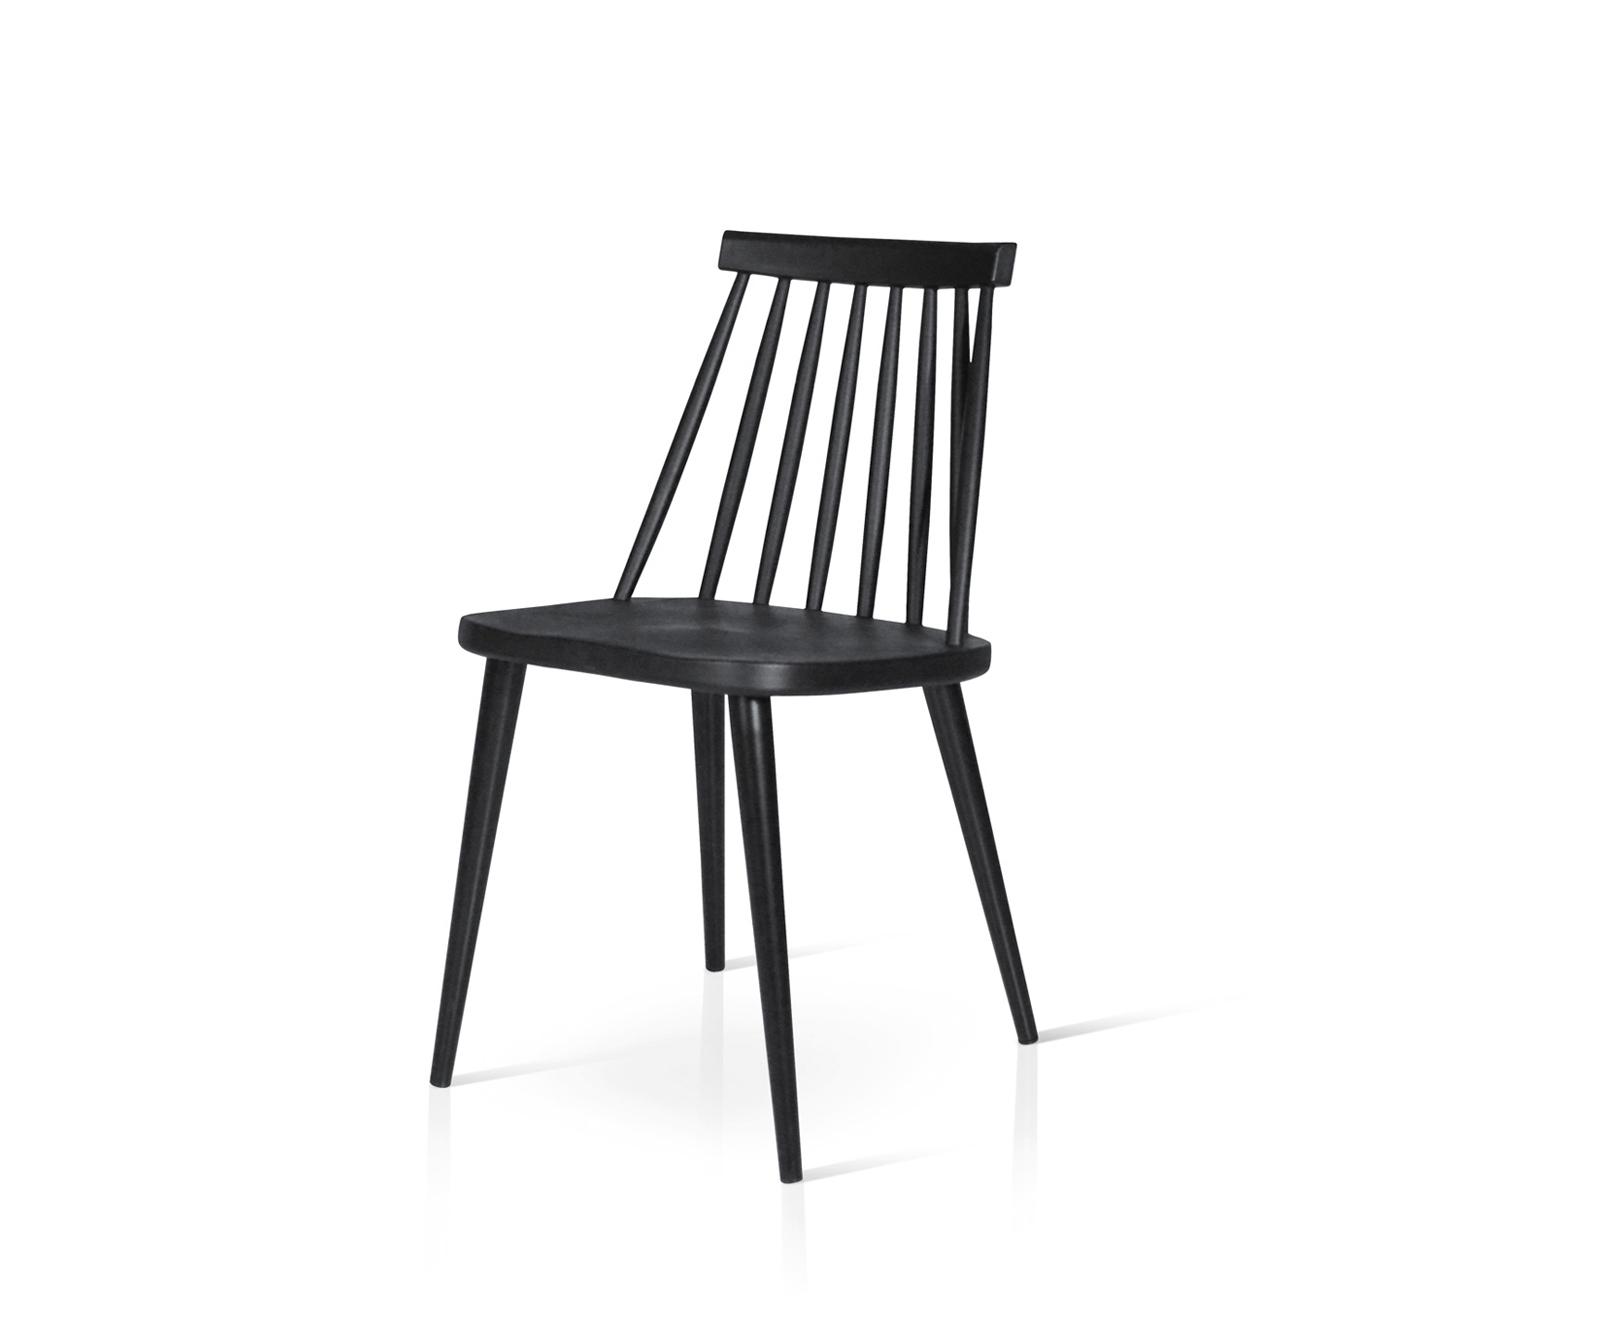 Sedia nera legno - Arredamenti e Mobili classici e moderni ...